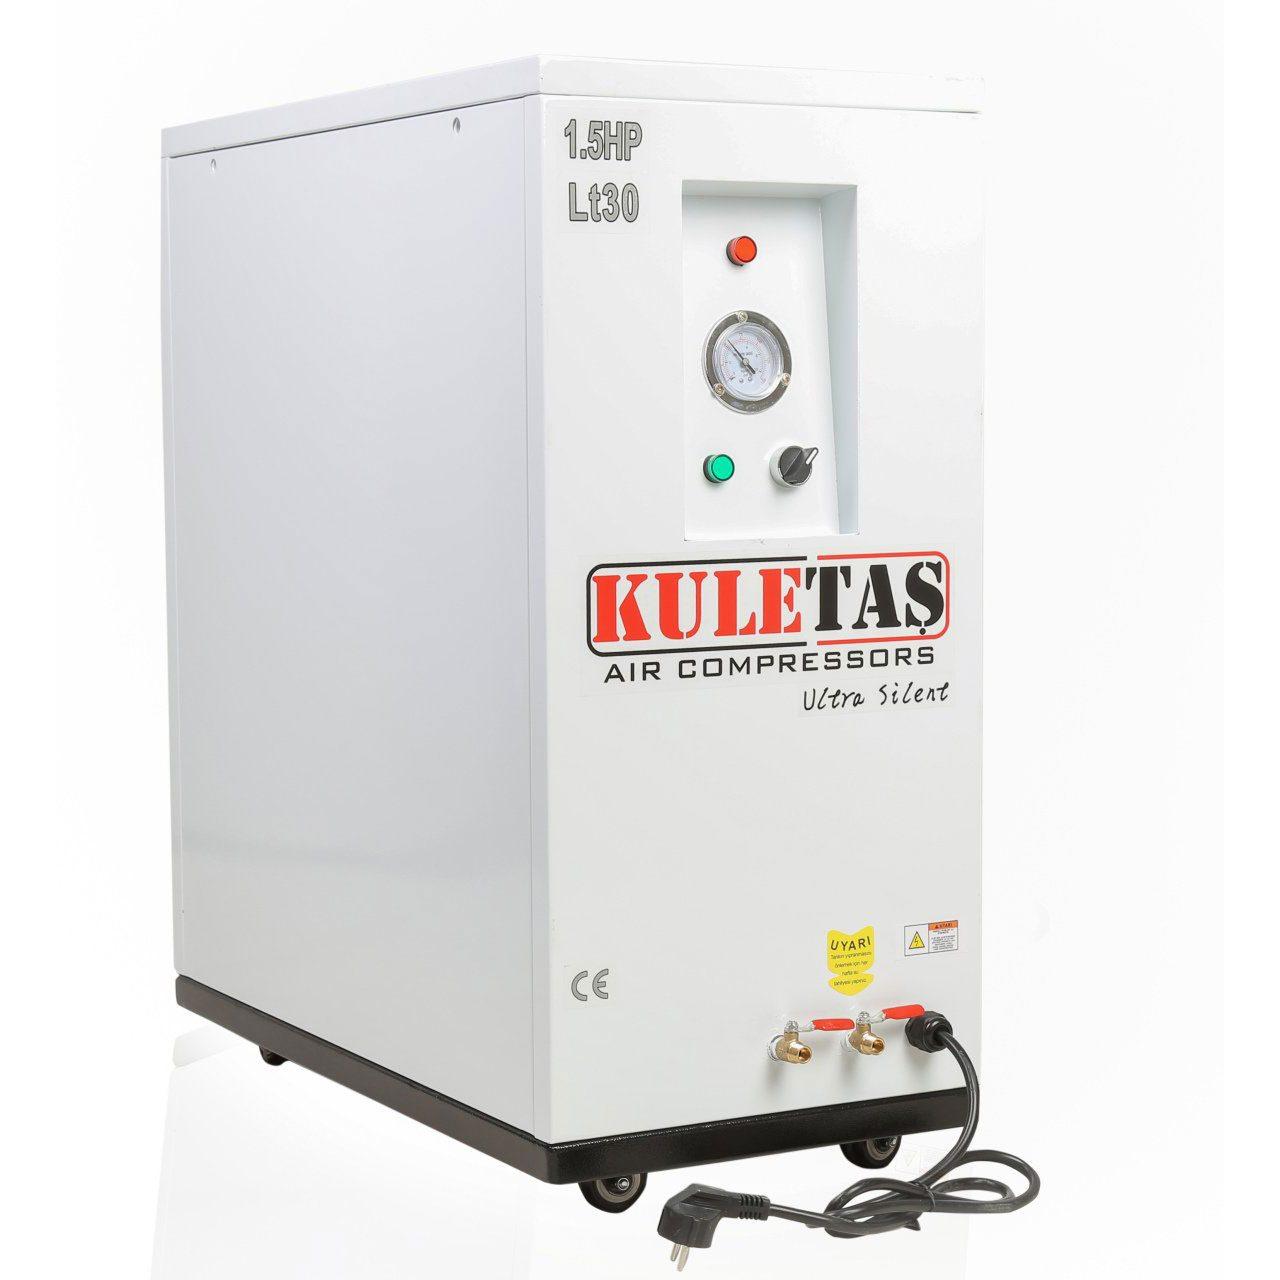 Kuletaş Kabinli Ultra Sessiz Kompresör 30 Litre